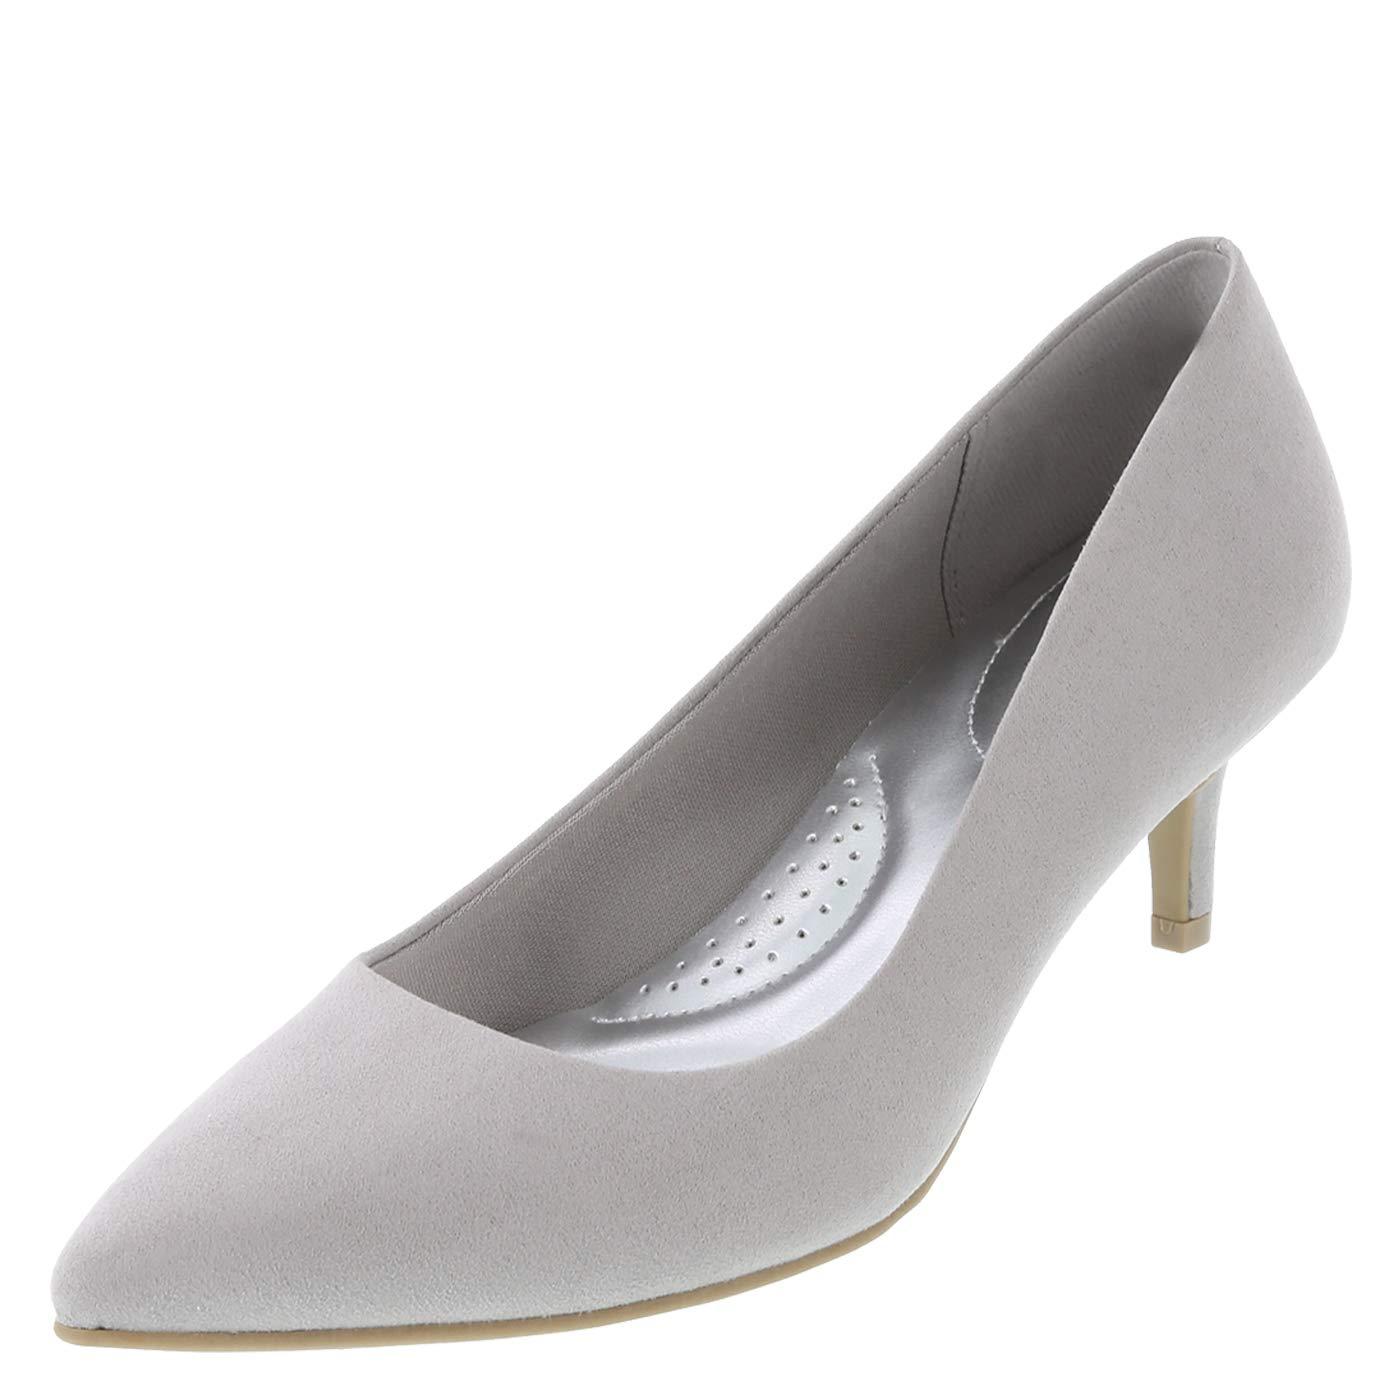 dexflex Comfort Light Grey Suede Women